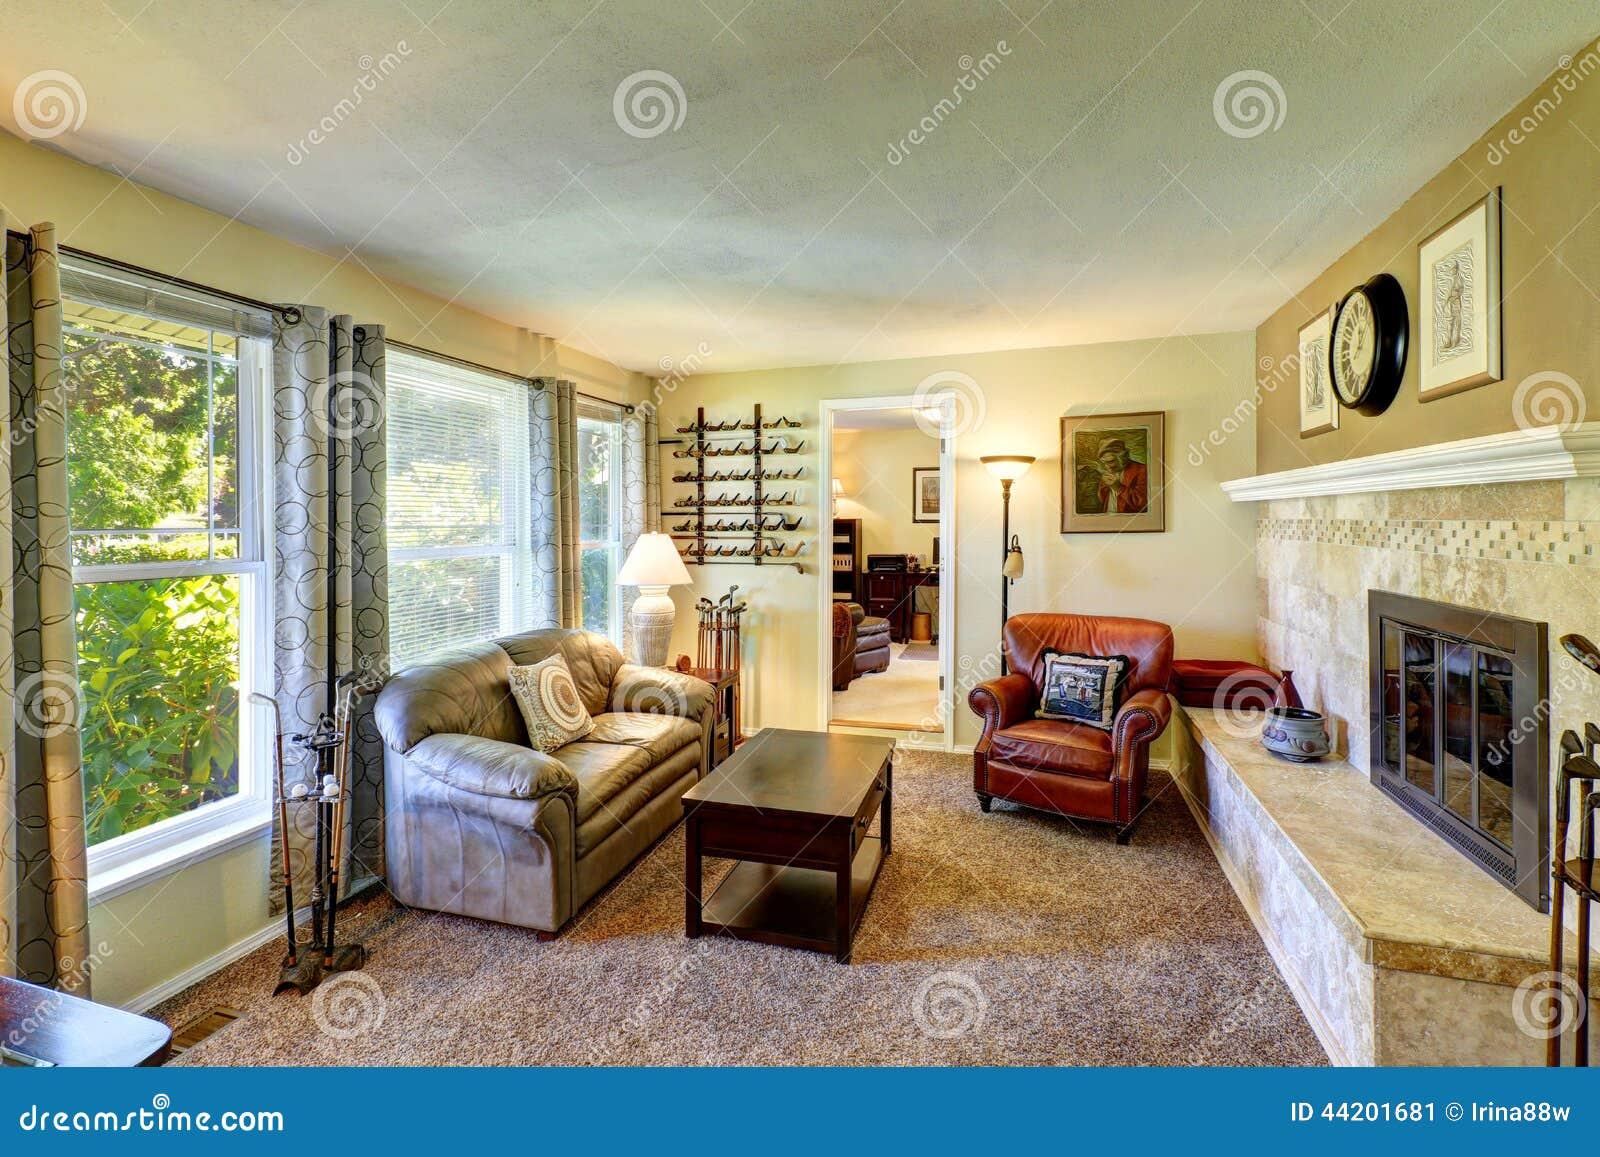 https://thumbs.dreamstime.com/z/comfortabele-kleine-woonkamer-met-comfortabele-open-haard-44201681.jpg